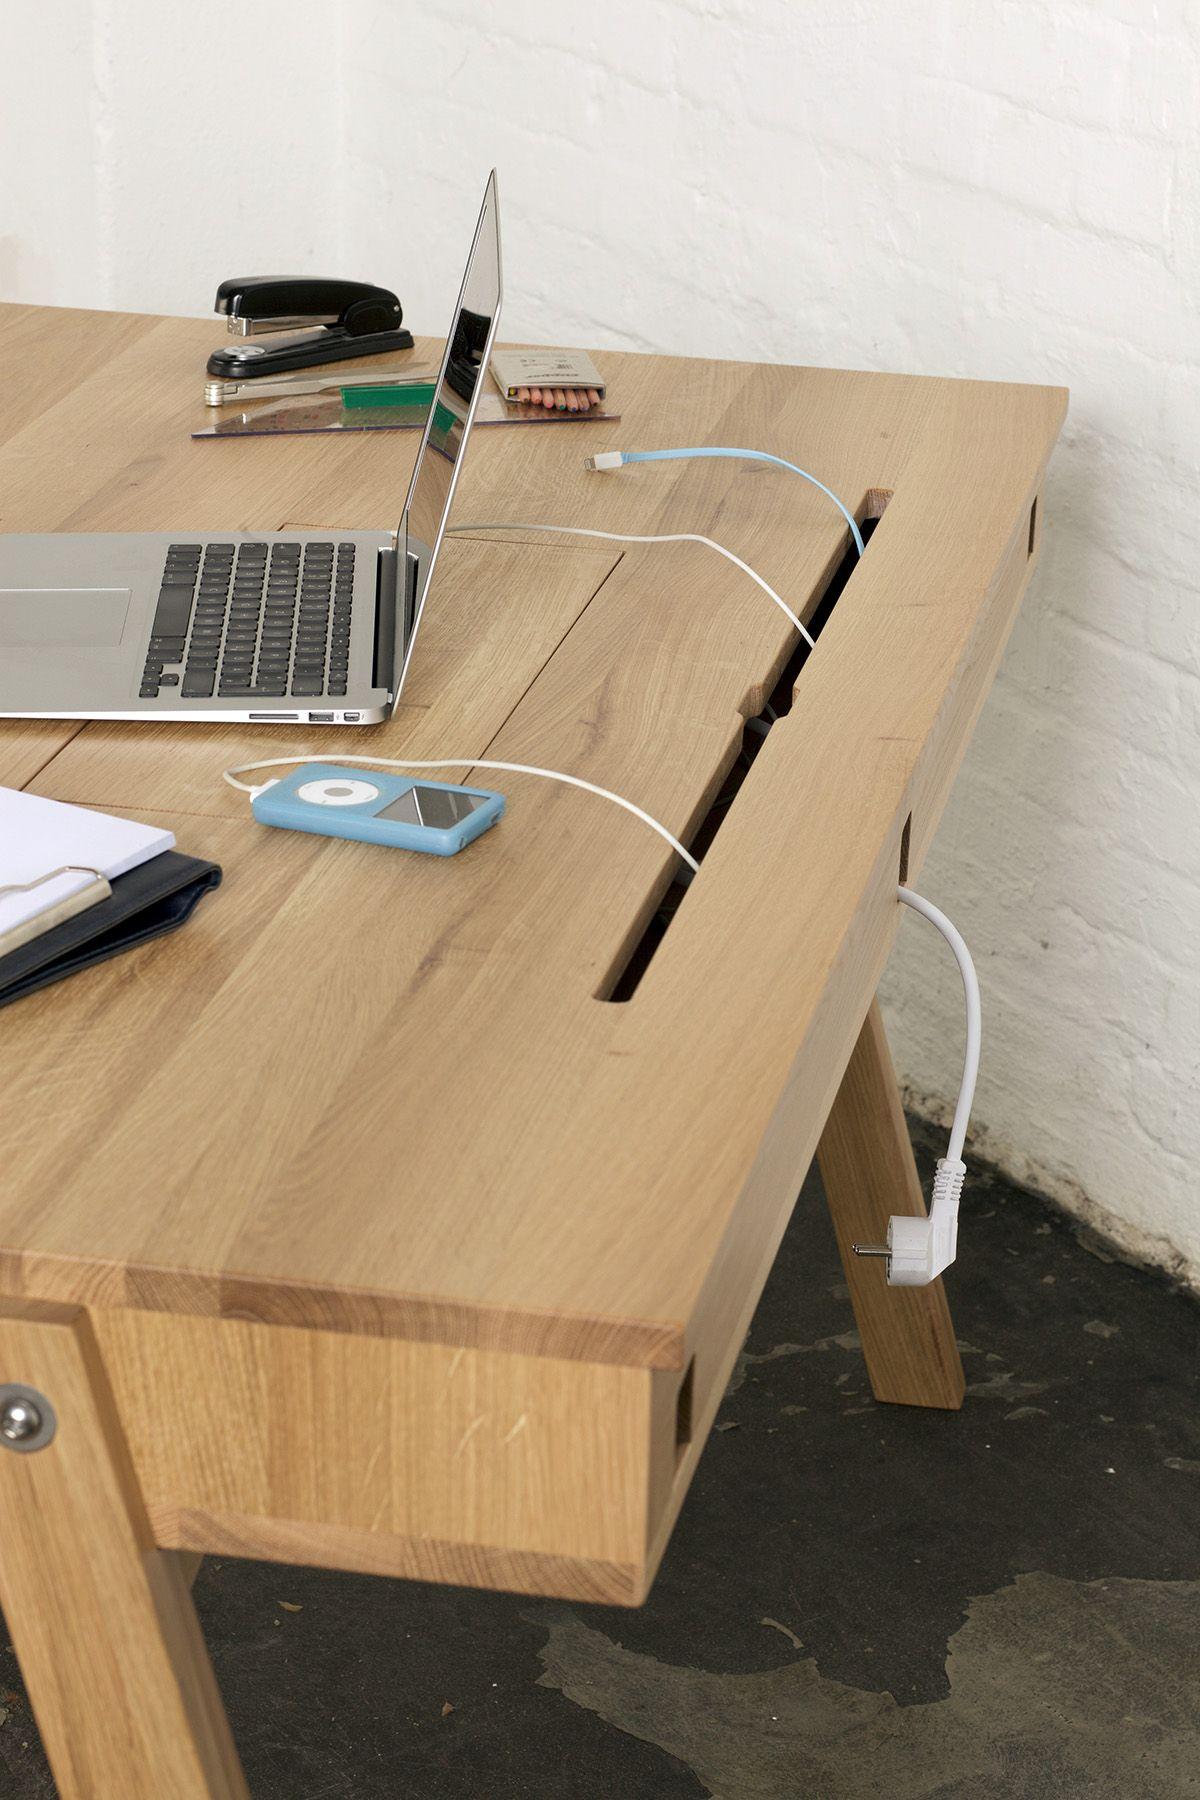 Gut Schreibtisch; Massiv; Eiche; Nussbaum; Handgearbeitet; Design; Klappe;  Hamburg;